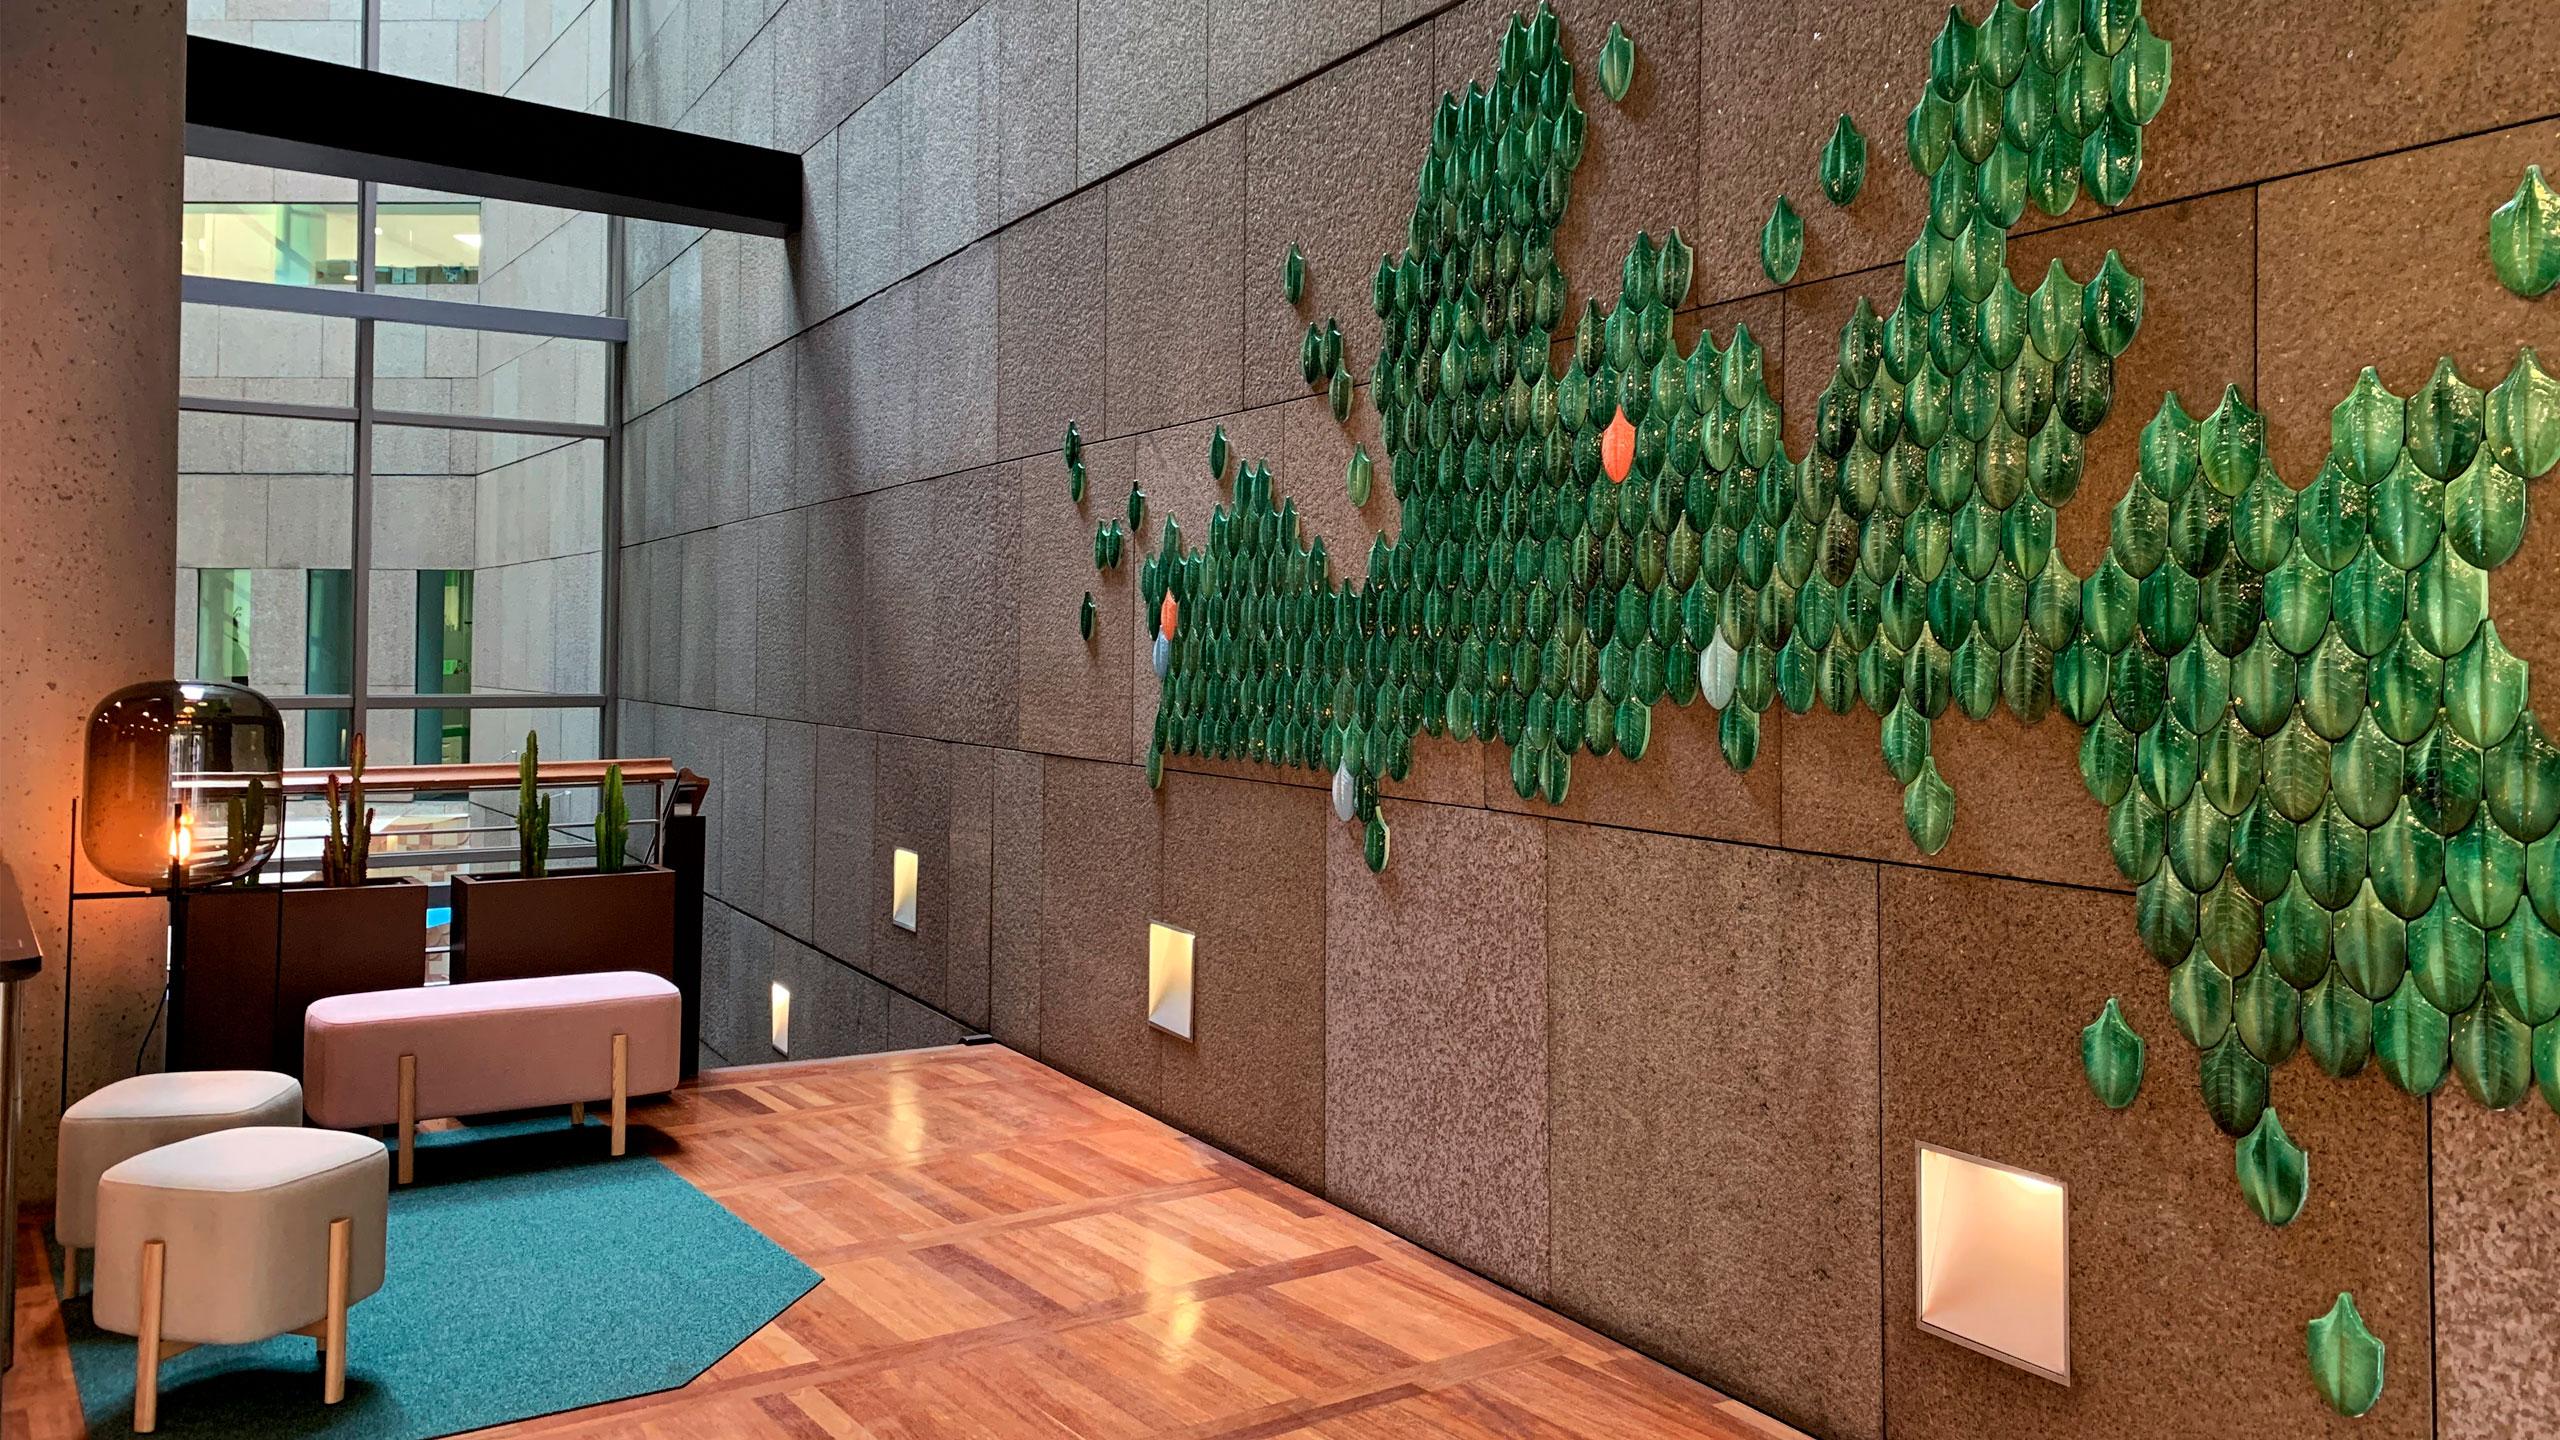 arquitectura_corporativa_zona_espera_diseno_interiores_lampara_pulpo_mobiliario_muuto_macetas_hobbyflower